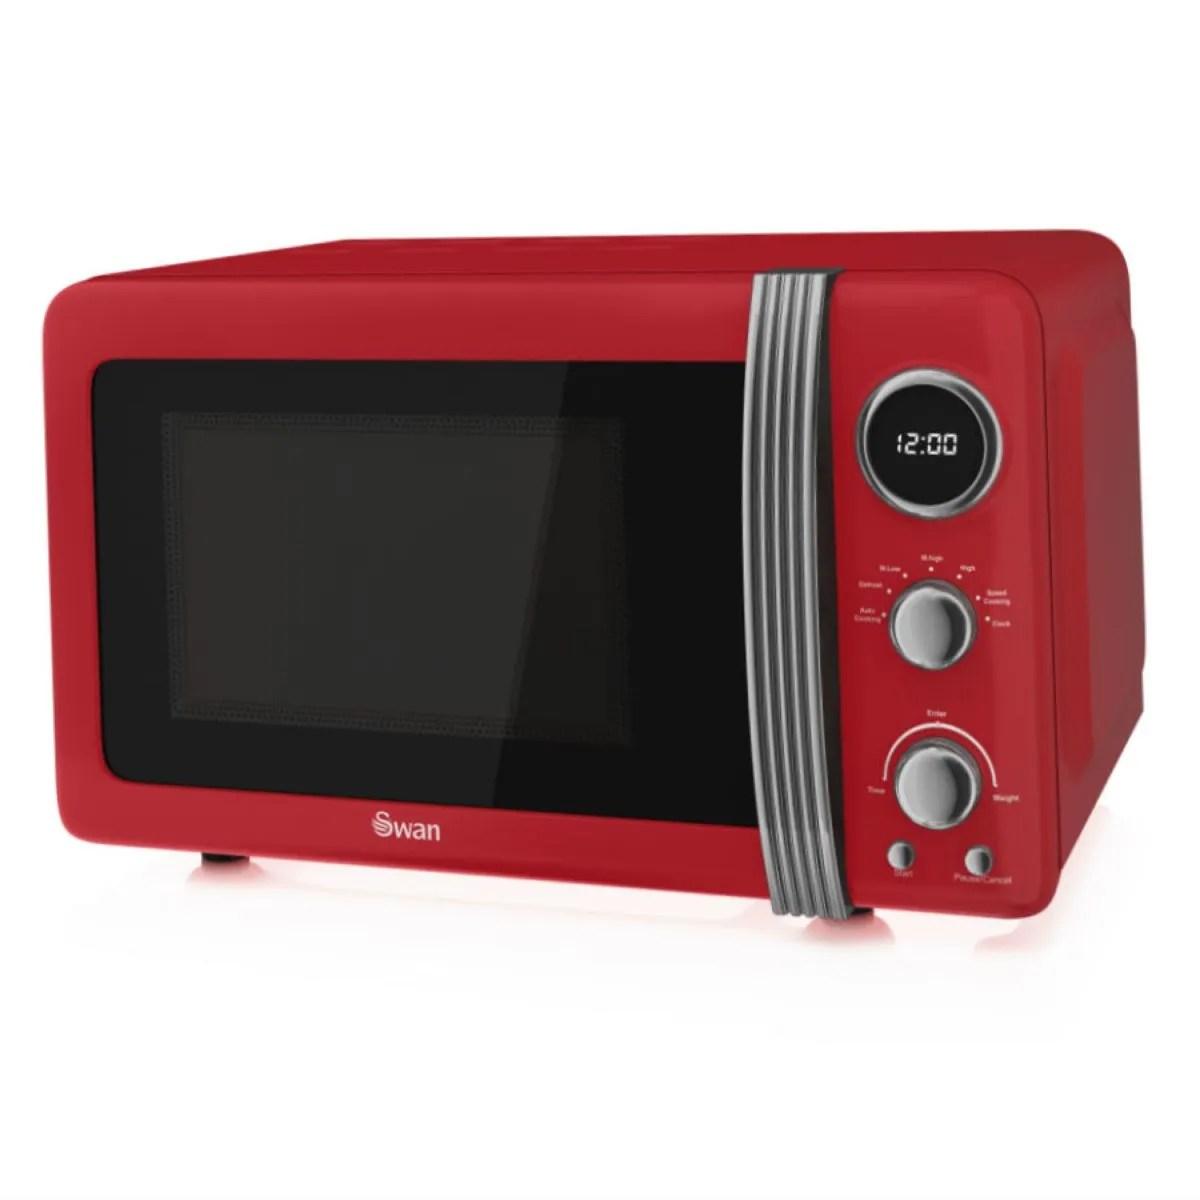 swan sm22030rn retro 800w 20l digital solo microwave red